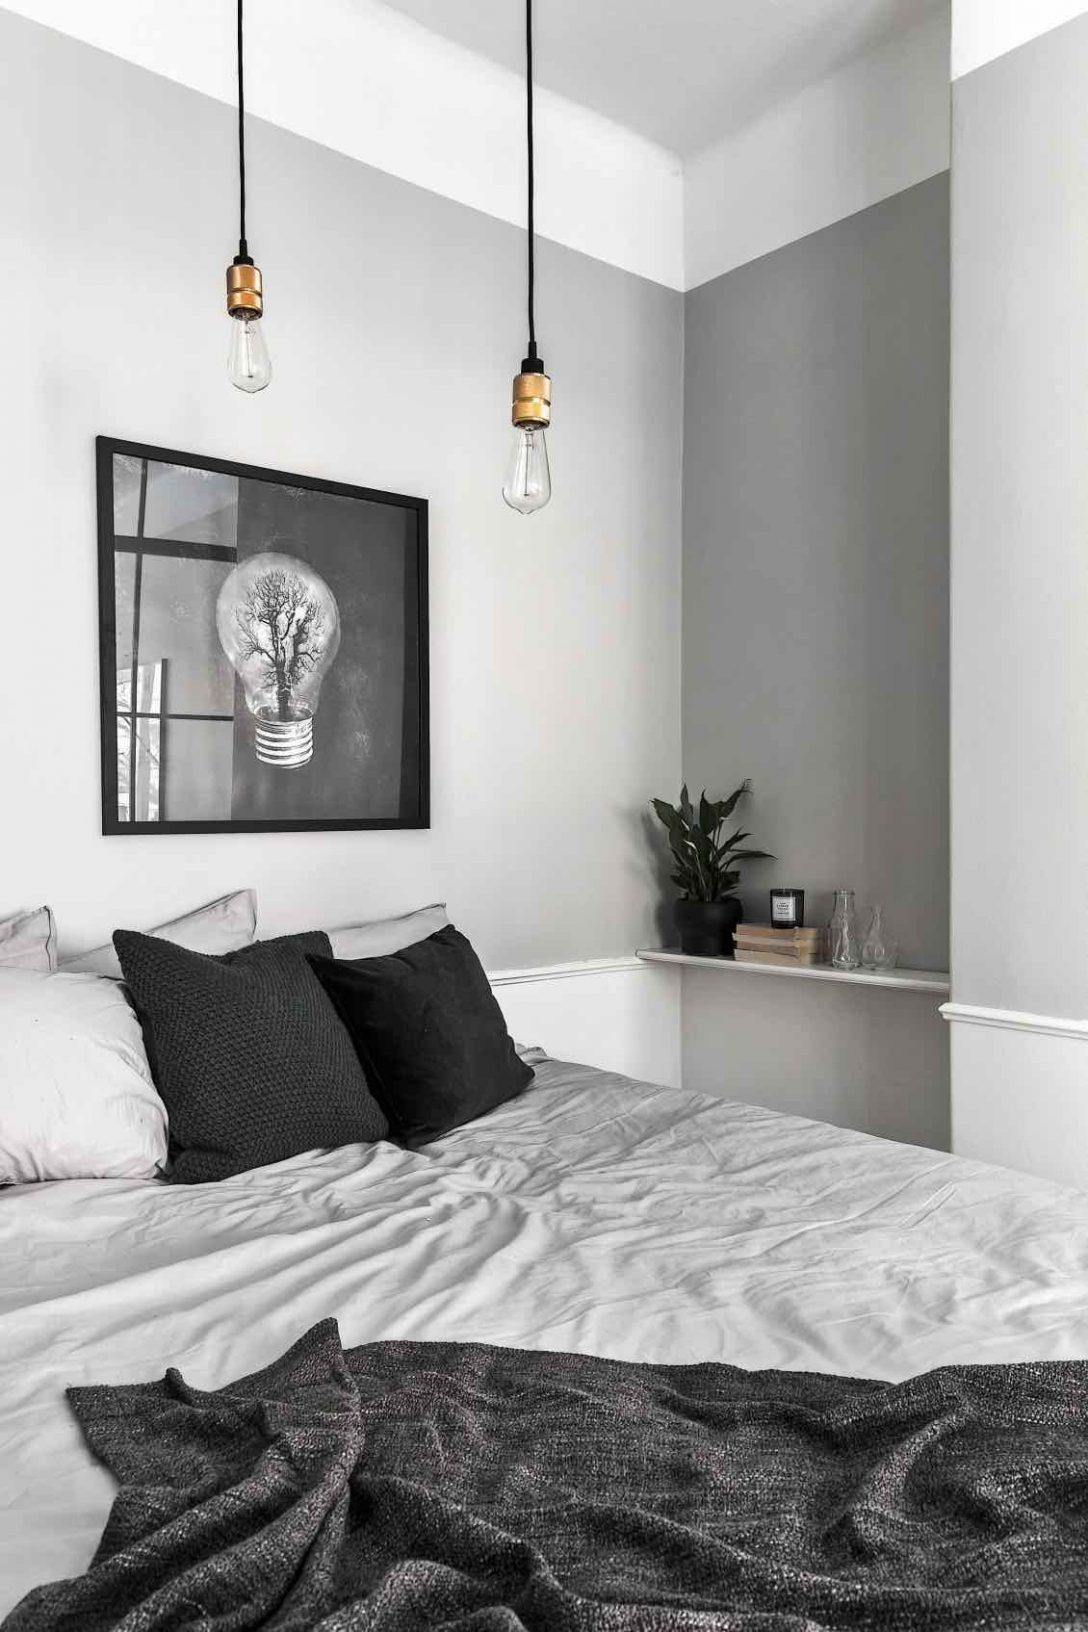 Large Size of Schlafzimmer Lampe Lampen Einrichtungsideen Deckenlampe Regal Eckschrank Schimmel Im Wandtattoo Mit überbau Tischlampe Wohnzimmer Stuhl Badezimmer Decke Nolte Schlafzimmer Schlafzimmer Lampe